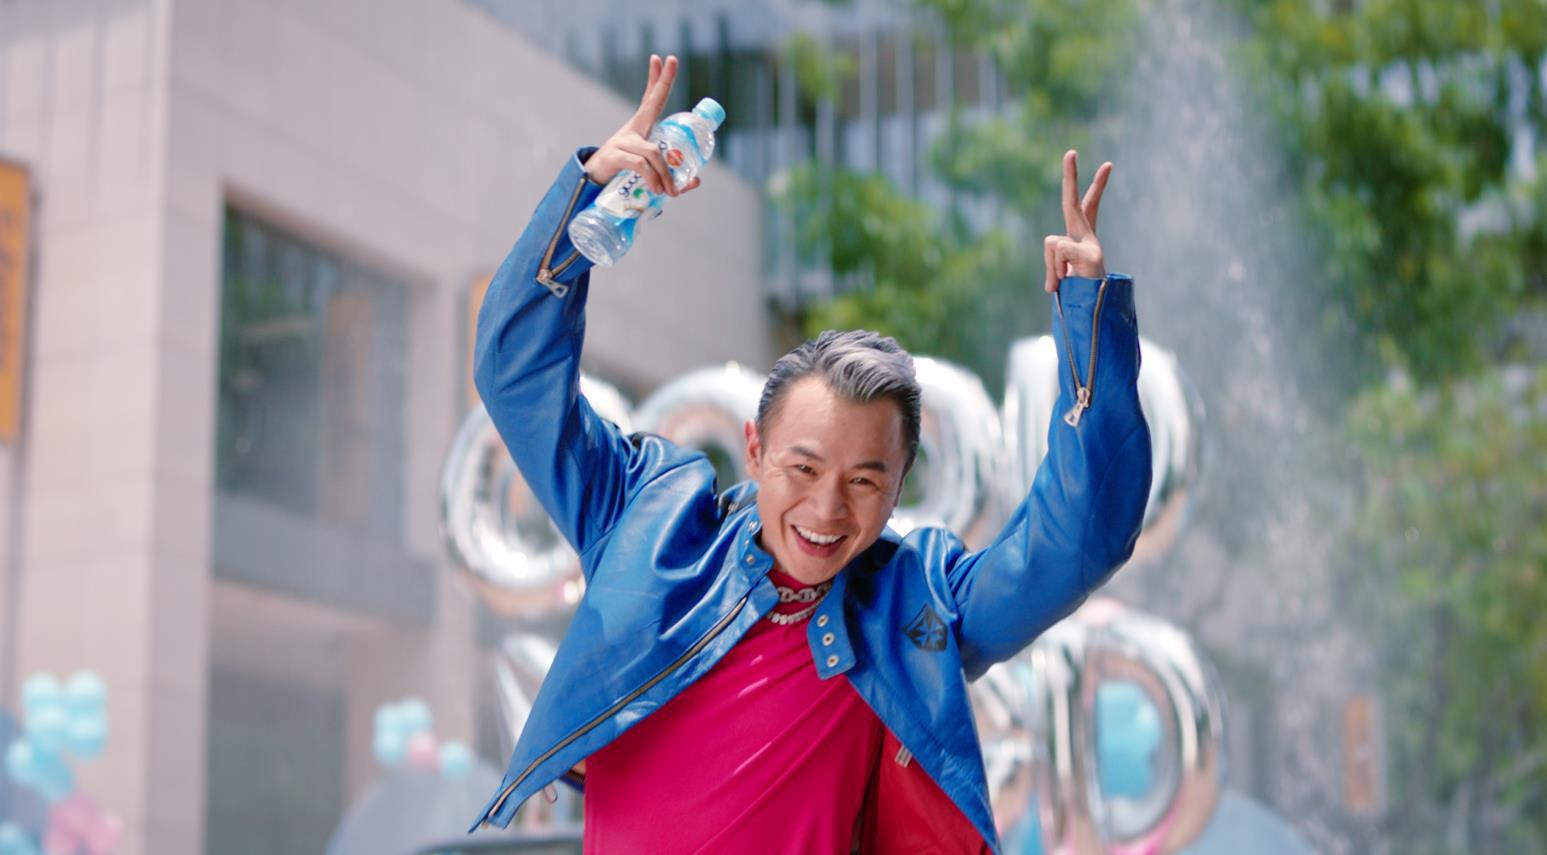 Ờ mây zing chưa, thánh tạo trend Binz nay lại tung thêm vũ điệu cực mood trong MV mới - Ảnh 2.